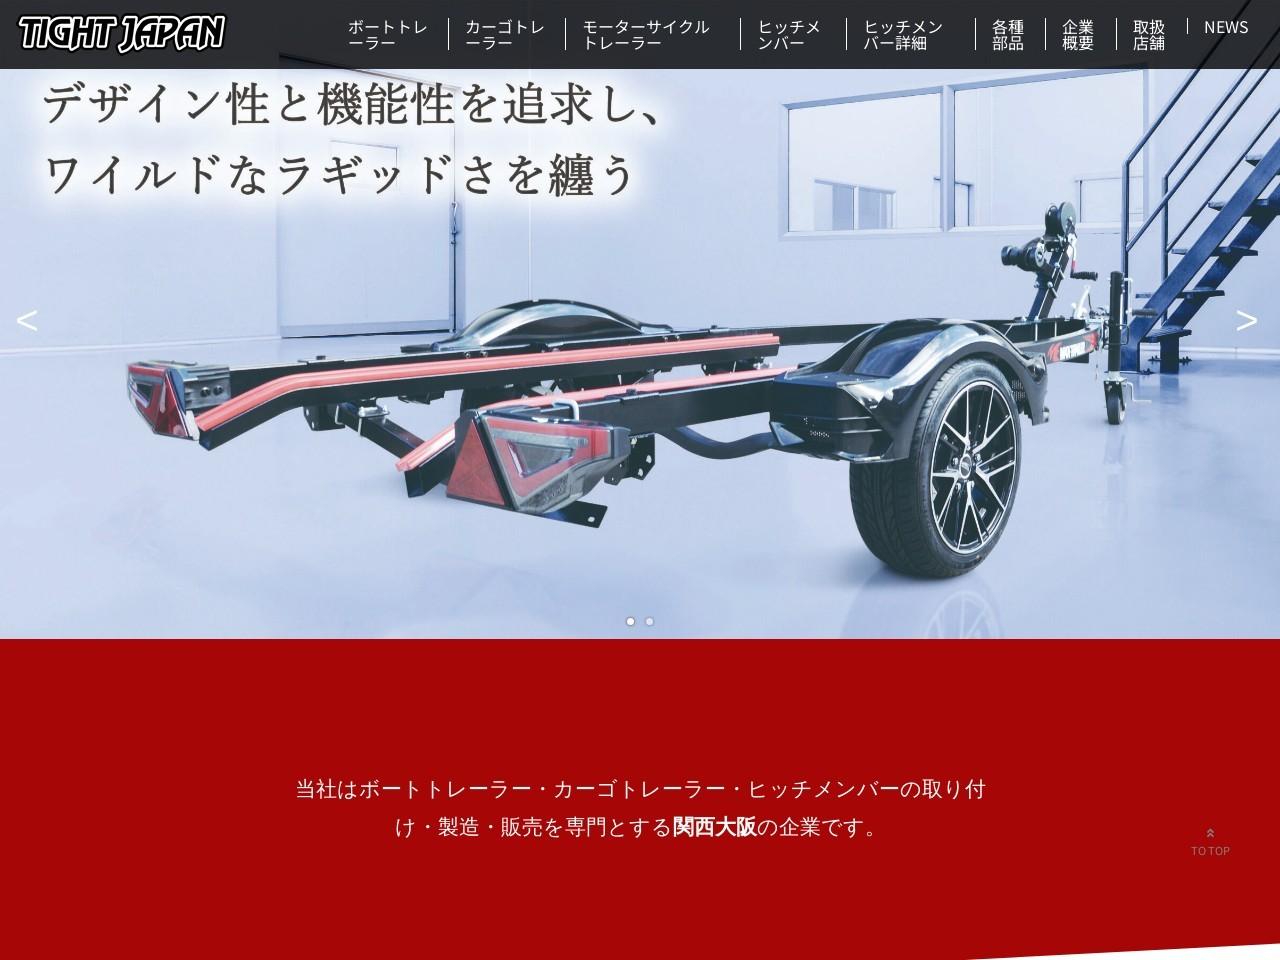 有限会社タイトジャパン